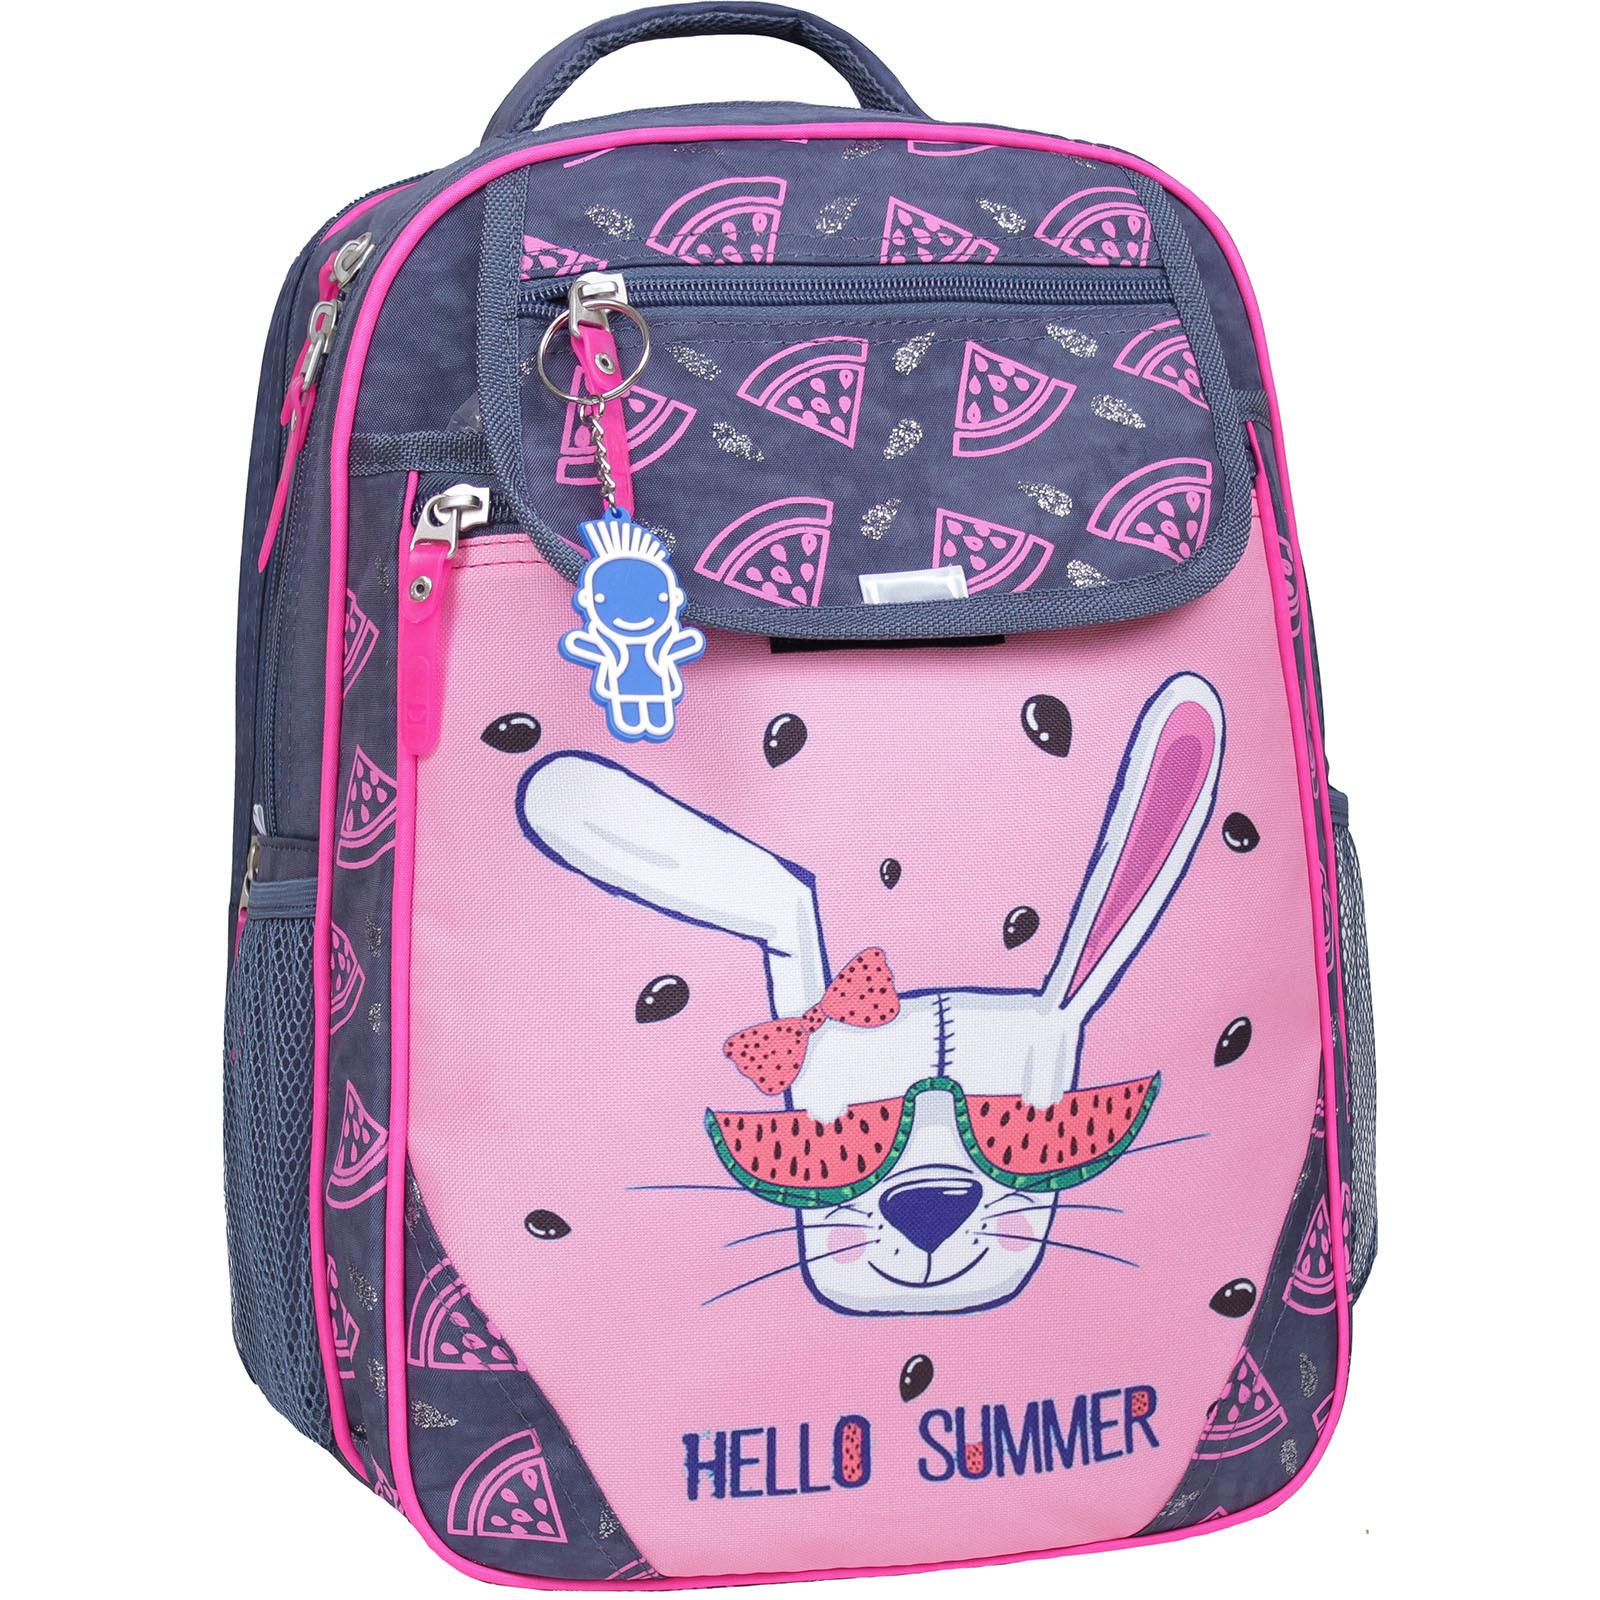 Школьные рюкзаки Рюкзак школьный Bagland Отличник 20 л. 321 серый 204к (0058070) IMG_5720_1600_204к.jpg